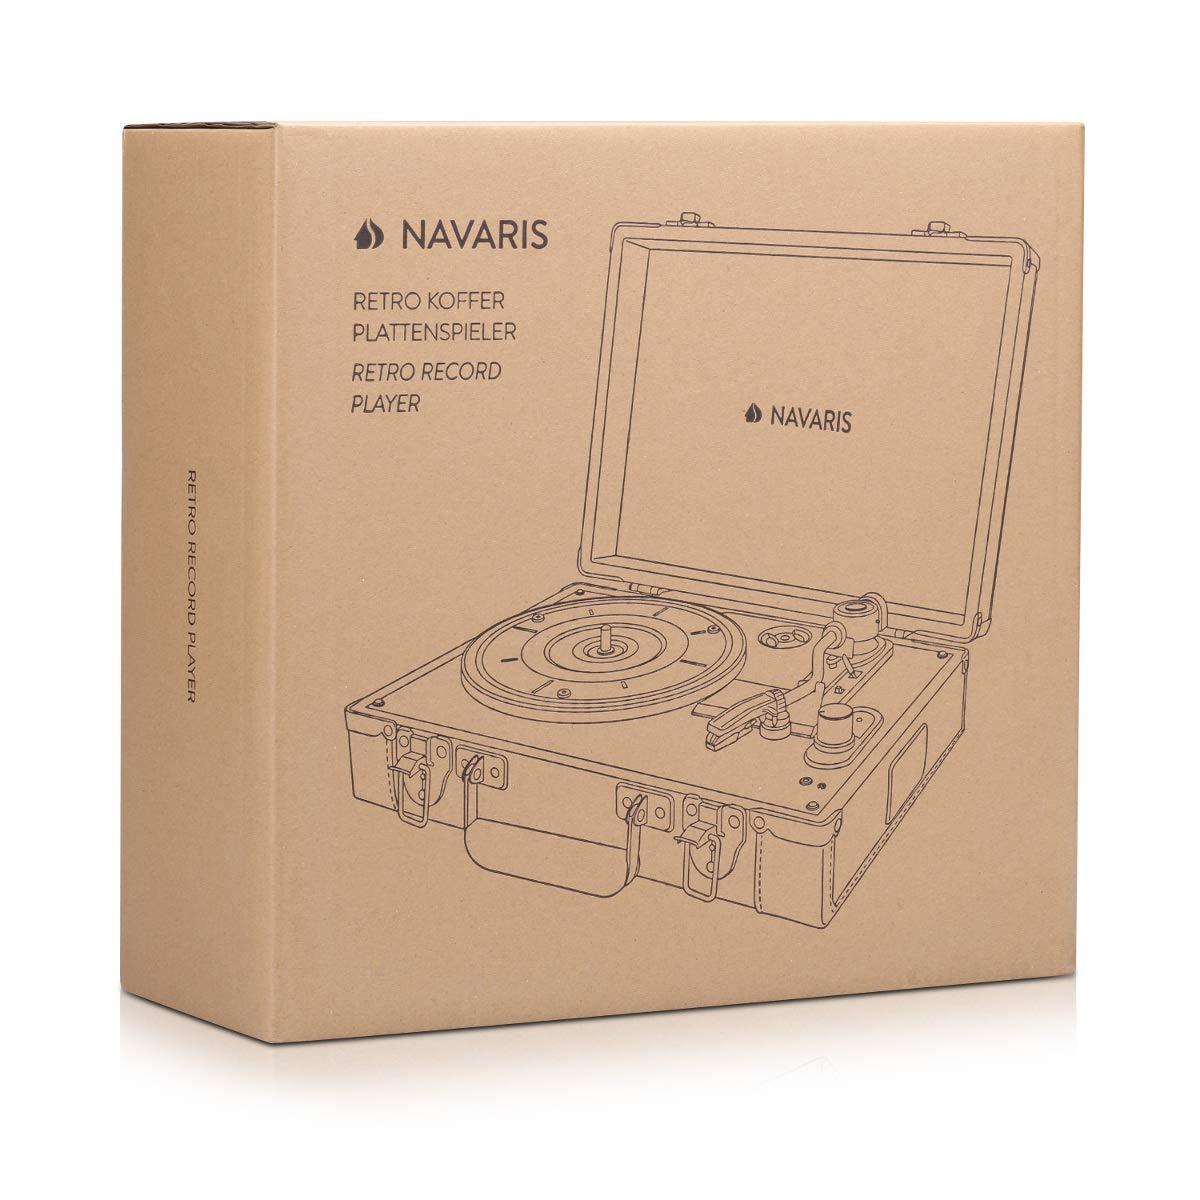 Navaris Tocadiscos Retro con Forma de Maleta - Giradiscos con Altavoces y grabación MP3 - Tornamesa con Puerto USB - Piel sintética Vintage